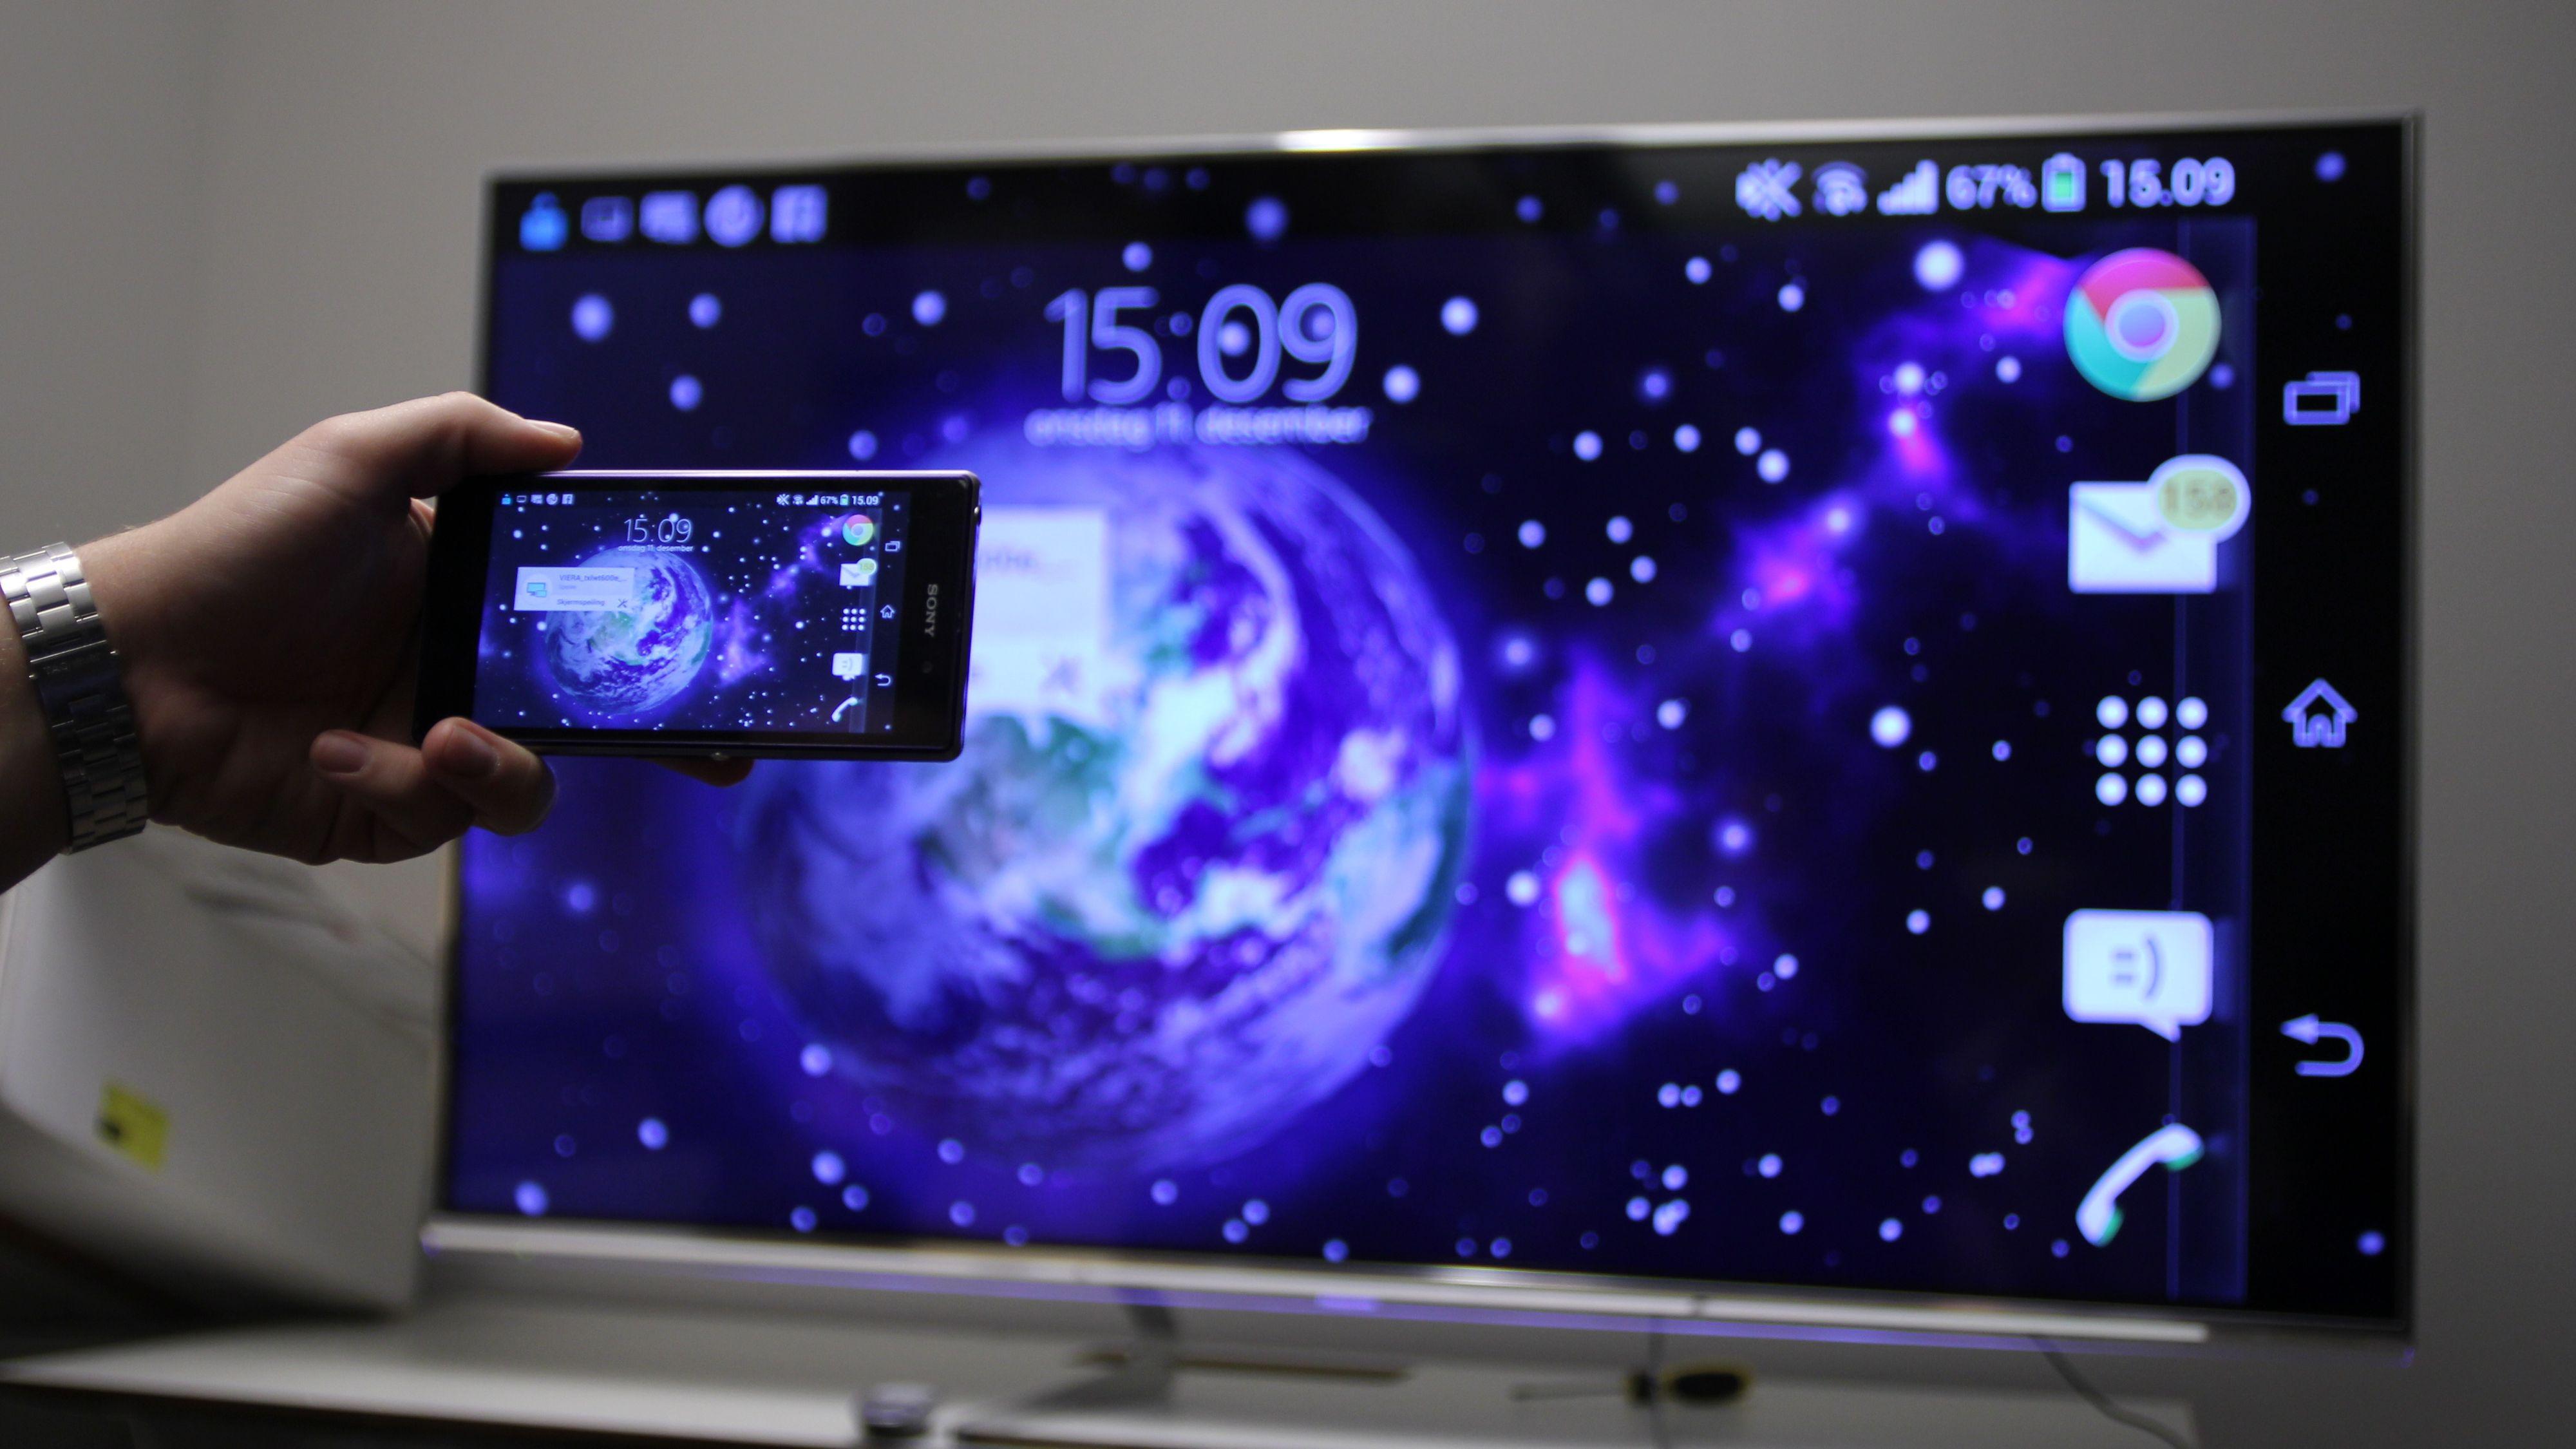 Slik strømmer du video til TV-en din trådløst